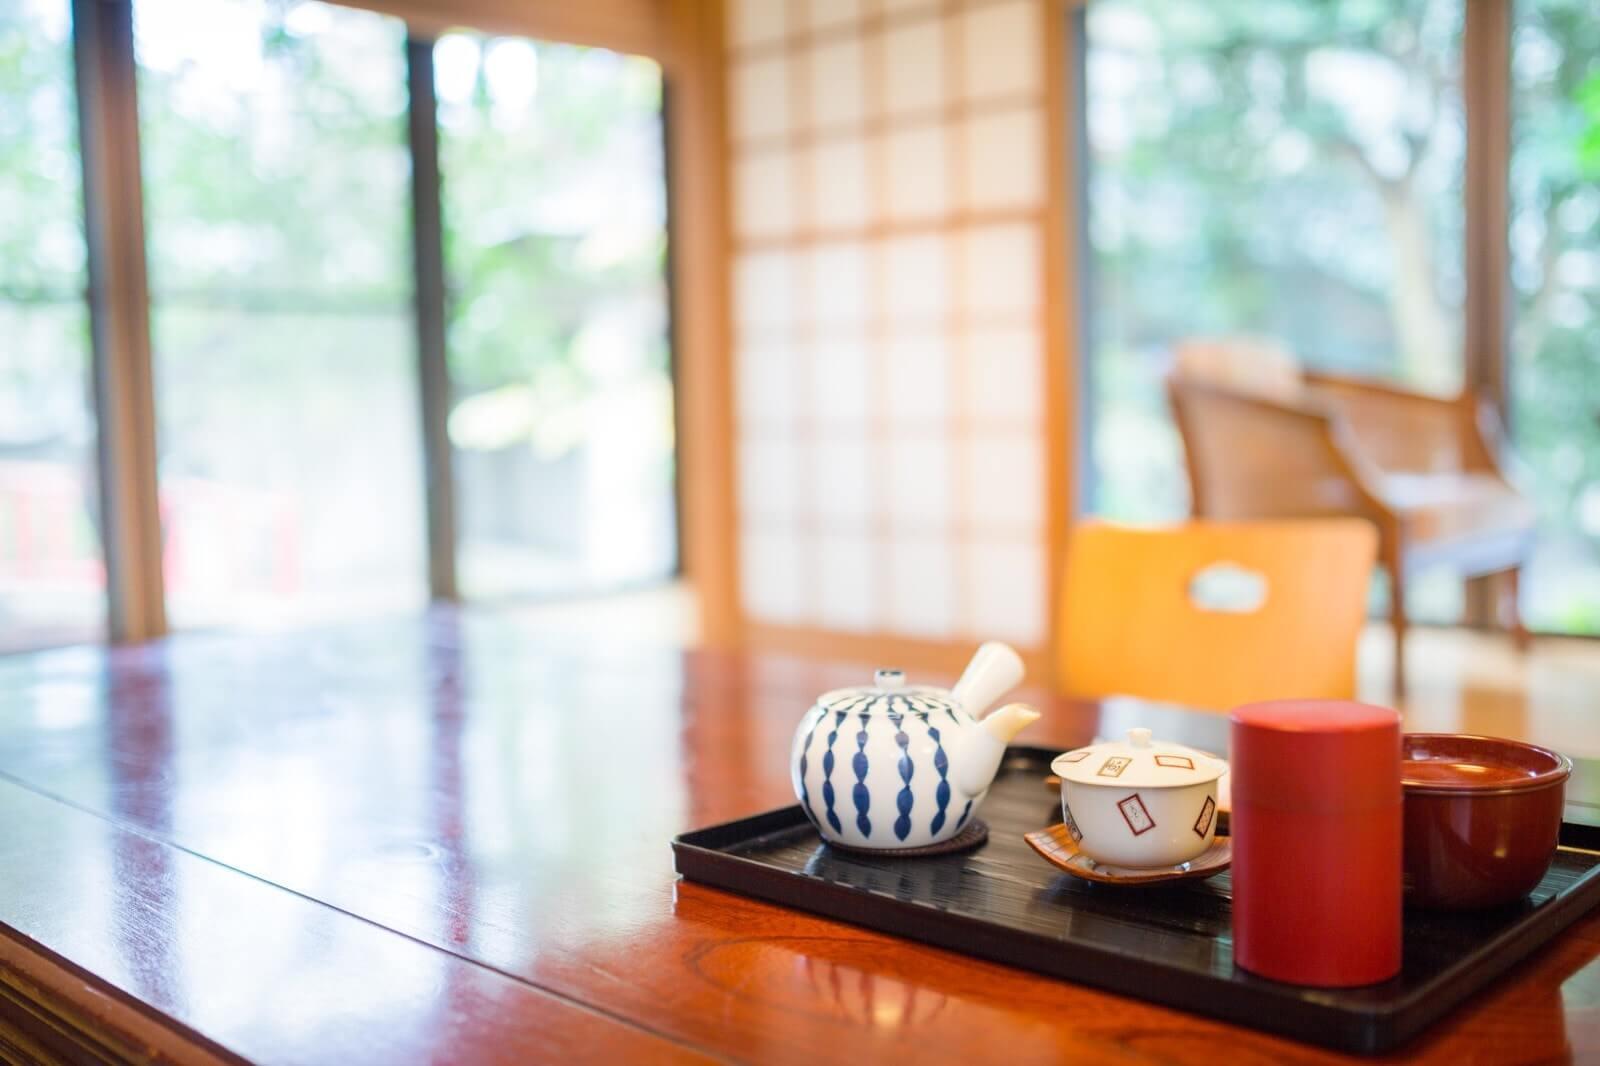 マナートランプ「日本式」で、簡単にインバウンド対策を強化!